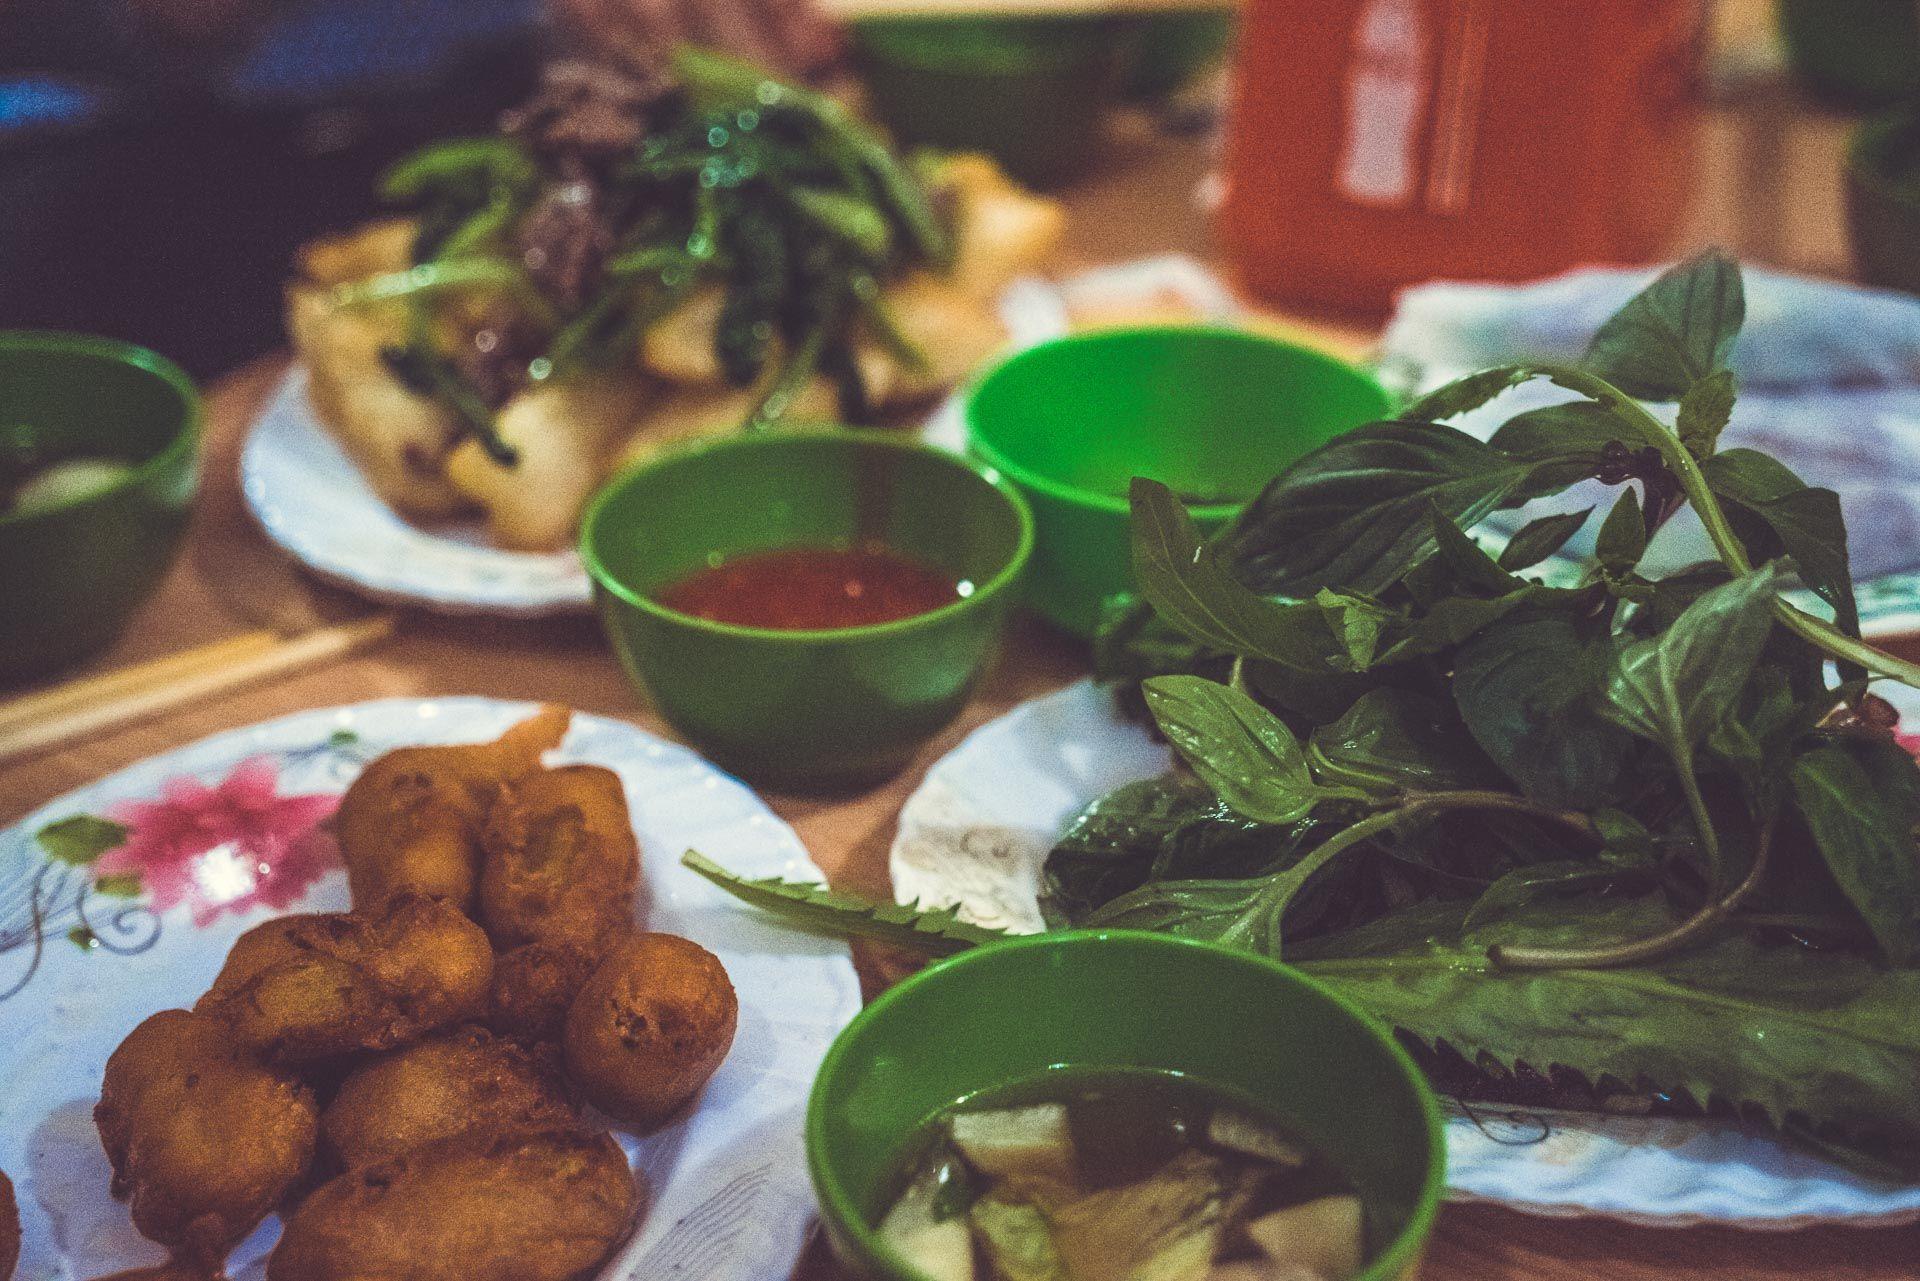 LesVoyageuses-Vietnam-hanoi-tour-vespa-adventures-37